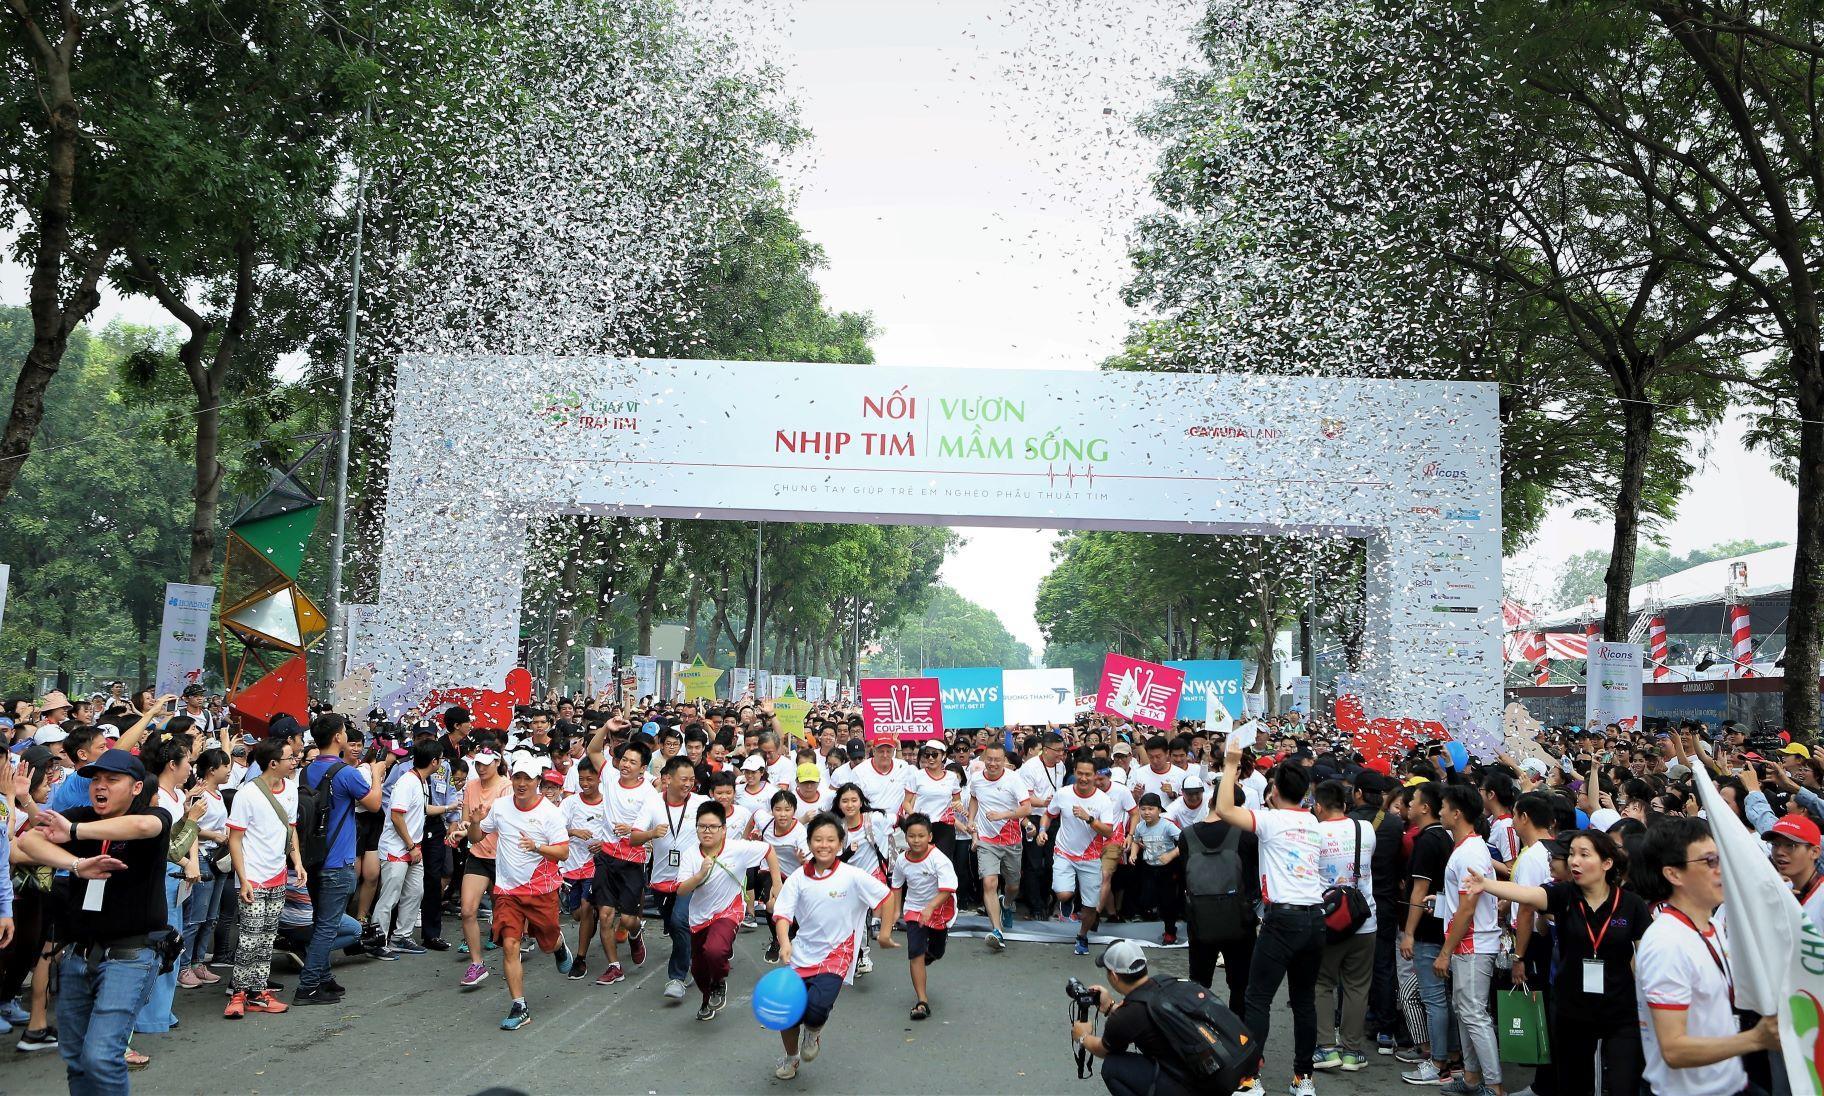 Chạy Vì Trái Tim 2019 quyên góp hơn 6 tỷ đồng giúp trẻ bị tim bẩm sinh Ảnh 1